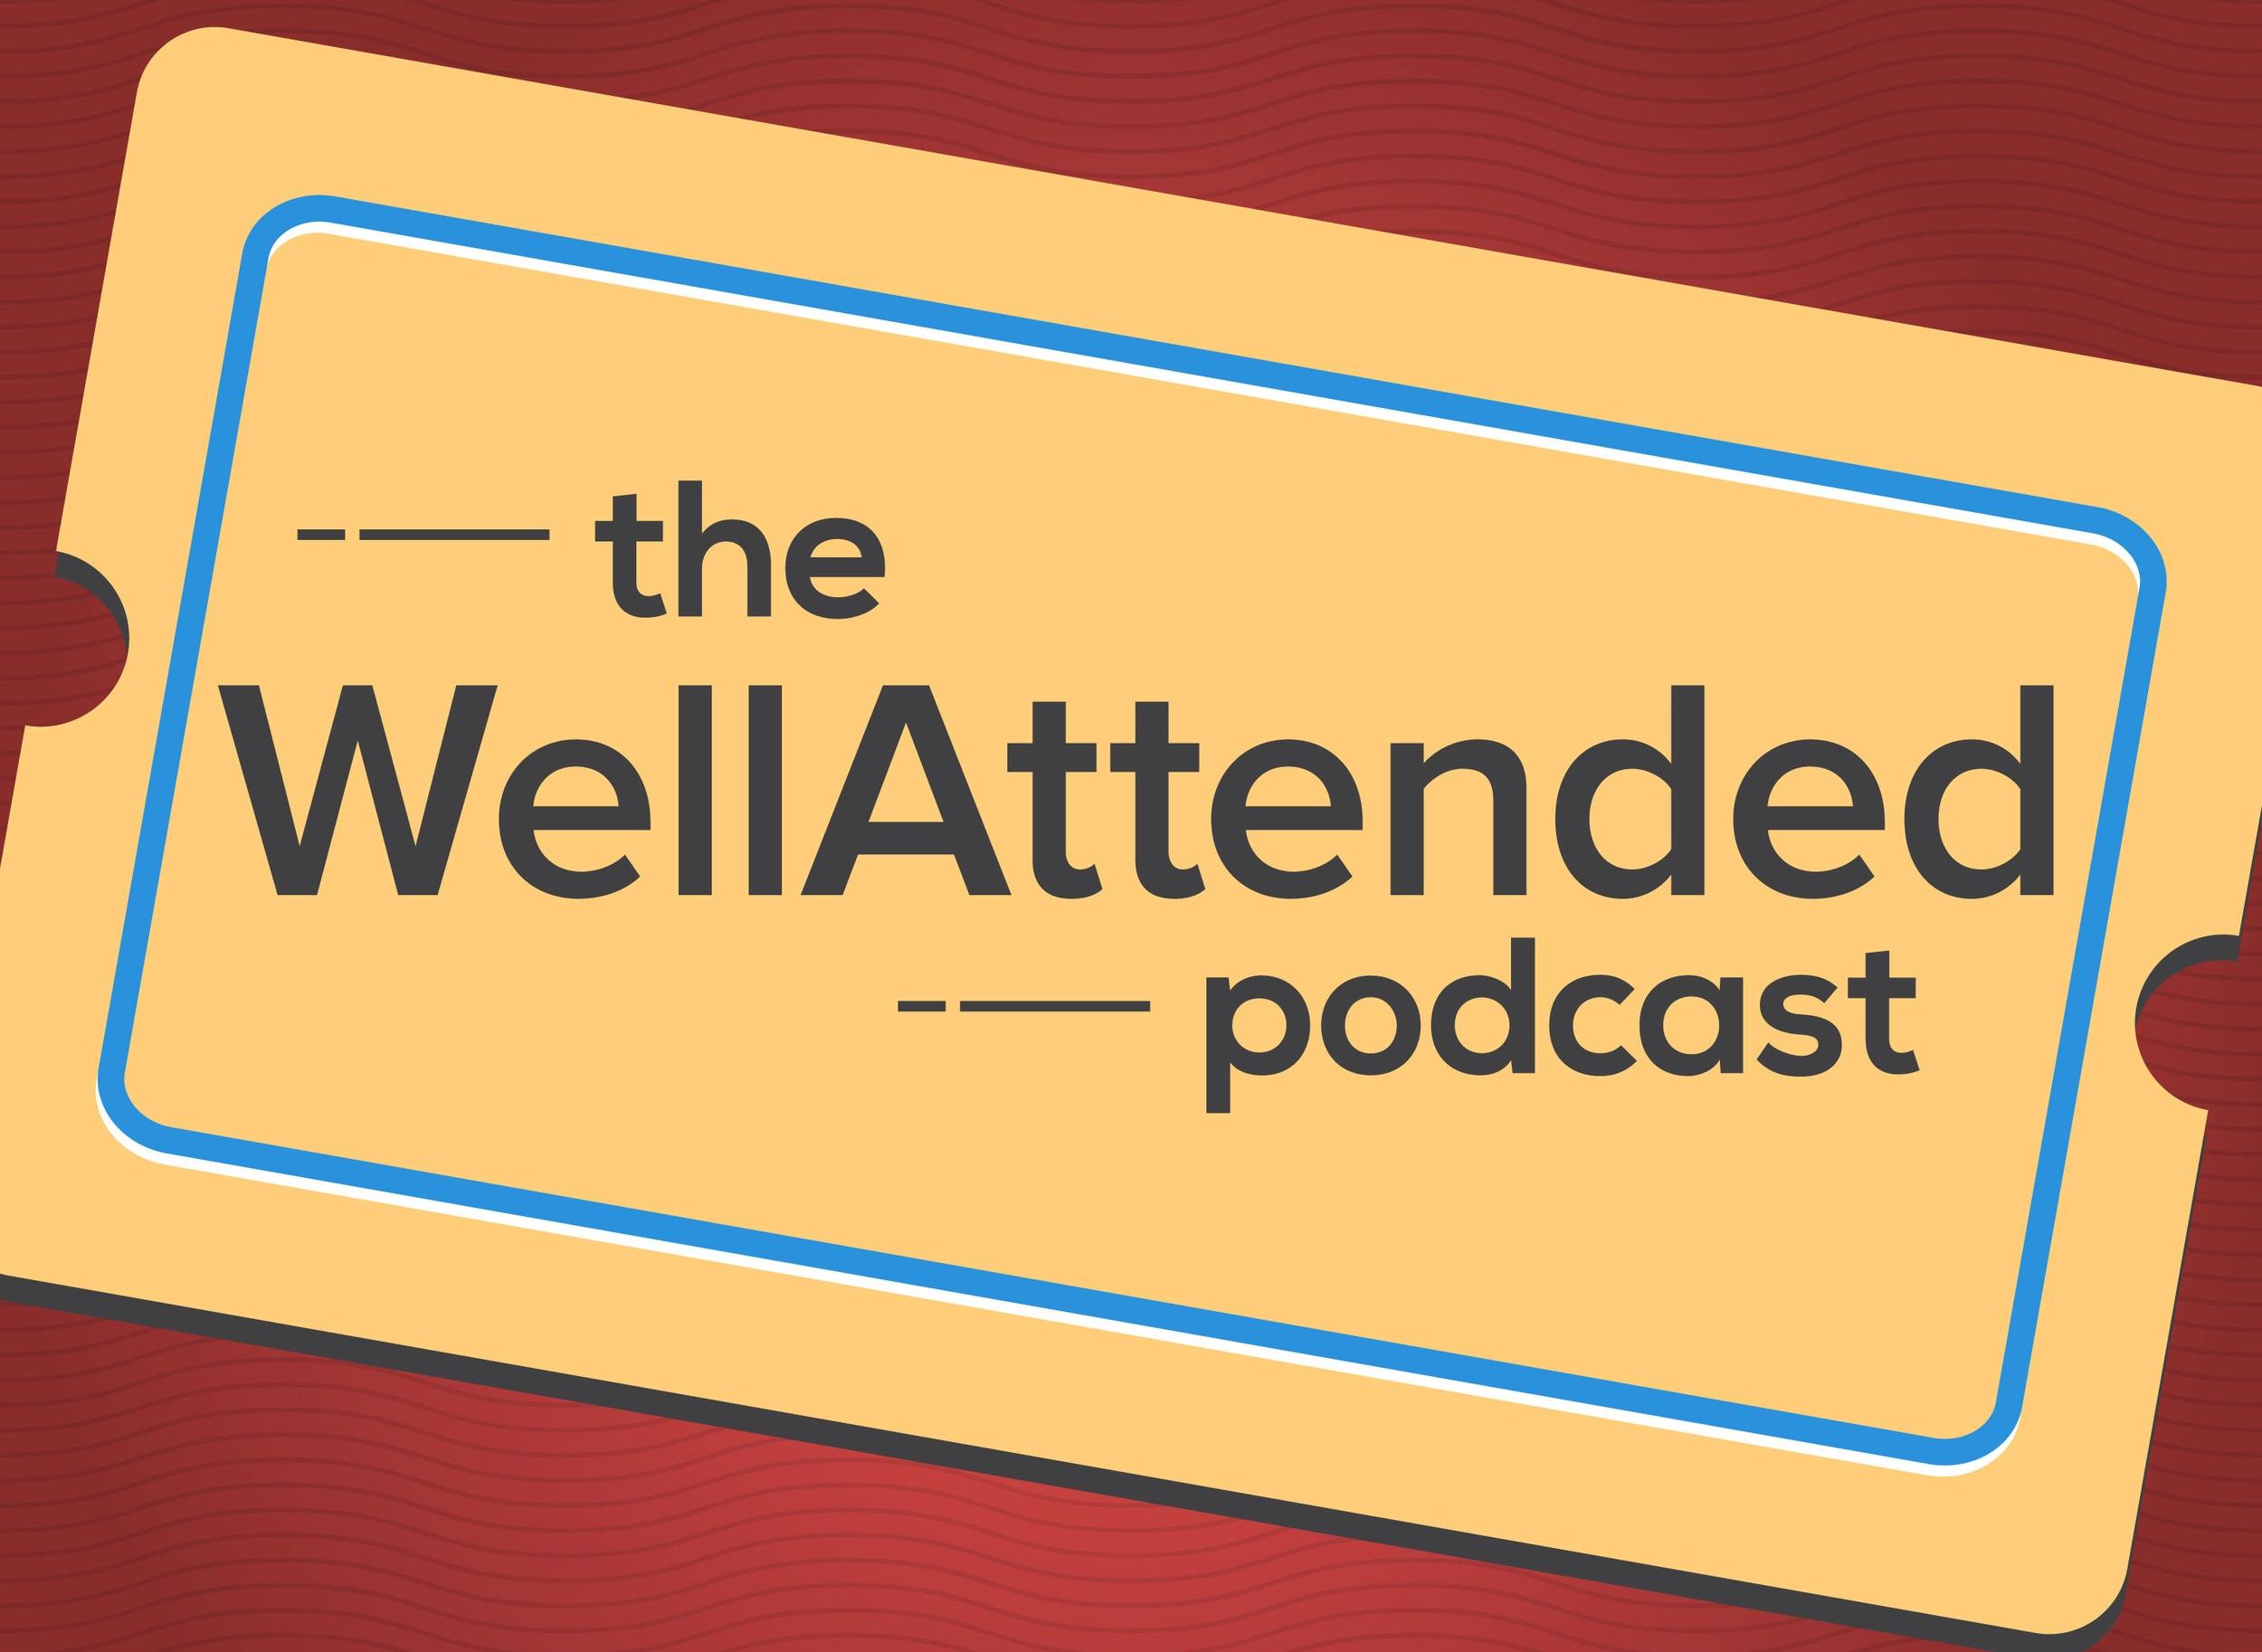 The-WellAttended-Podcast.jpg